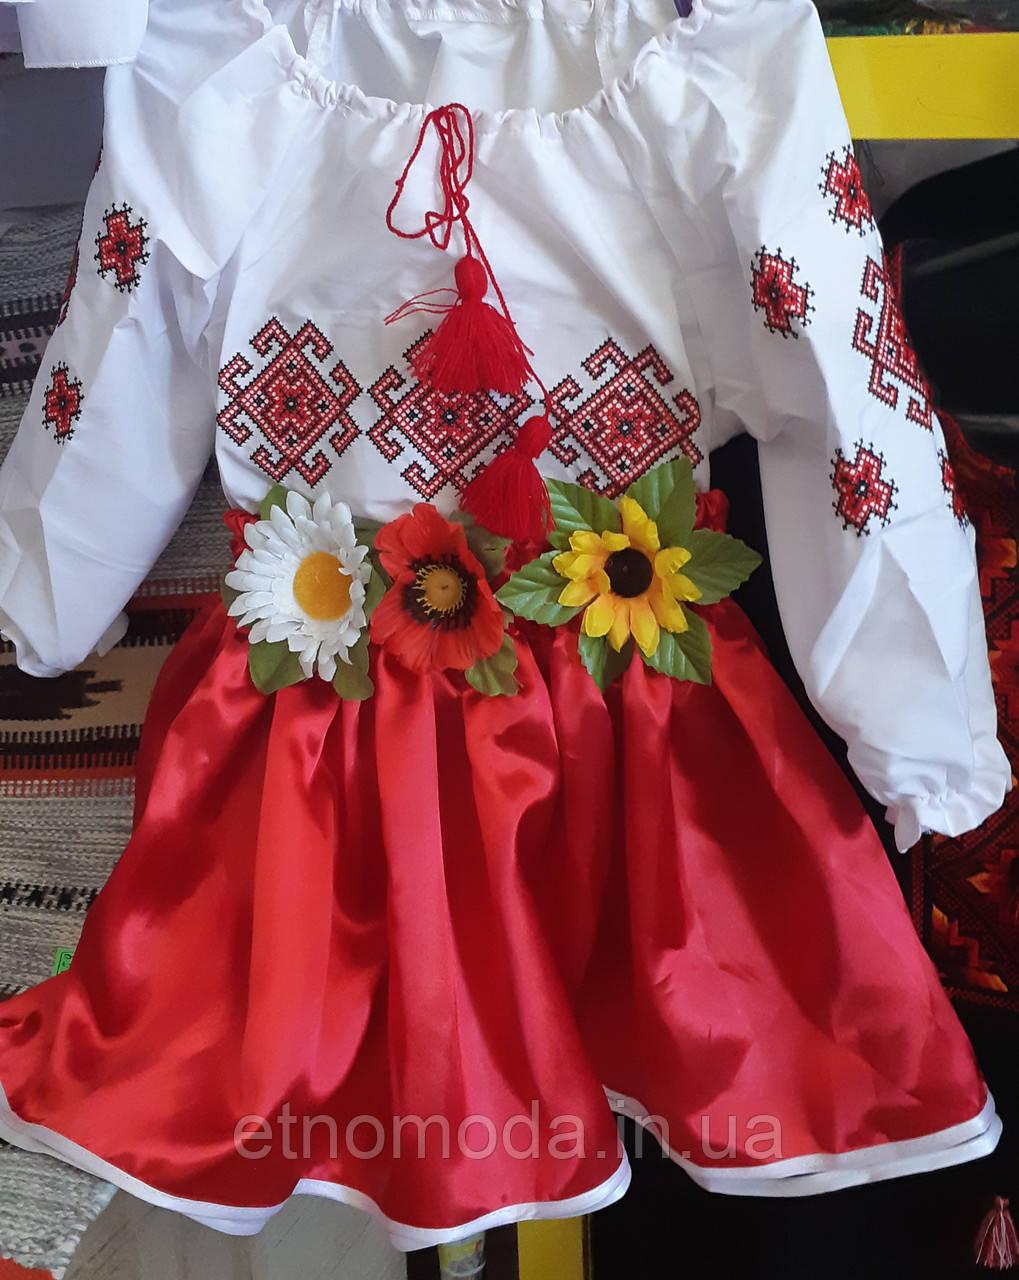 Вышиванка для девочки на поплине (машинная вышивка 280)